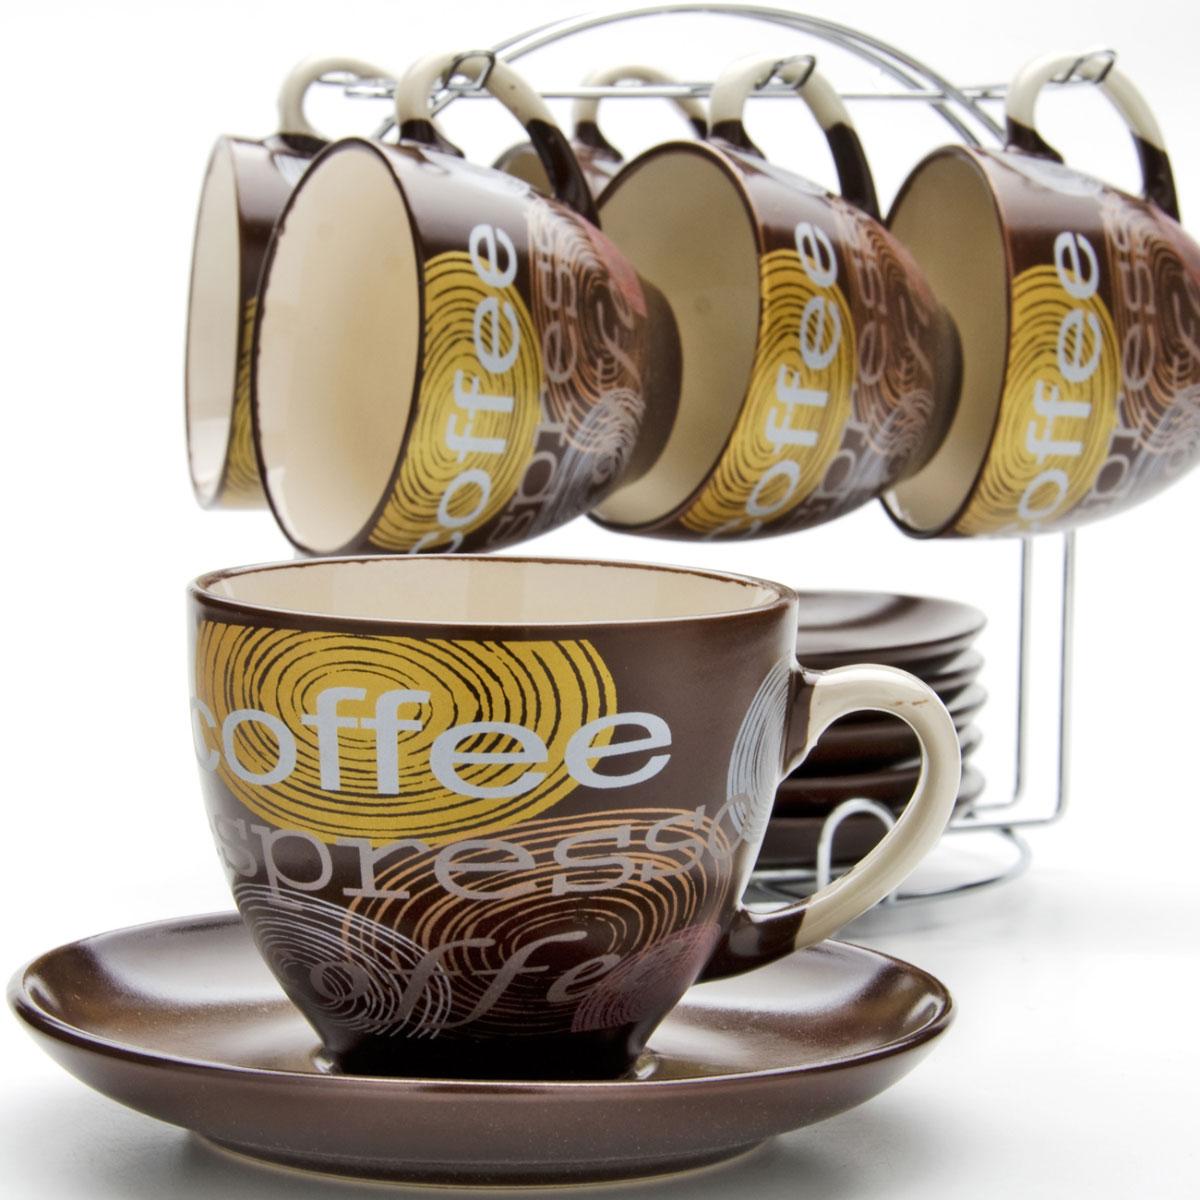 Набор чайный Mayer & Boch, на подставке, 13 предметов. 2353823538Подходит для горячих и холодных напитков. 6 кружек, 6 блюдец, металлическая подставка. Теплостойкие ручки.Элегантный дизайн. Керамика высокого качества. Можно использовать в микроволновой печи. Мыть в посудомоечной машине.